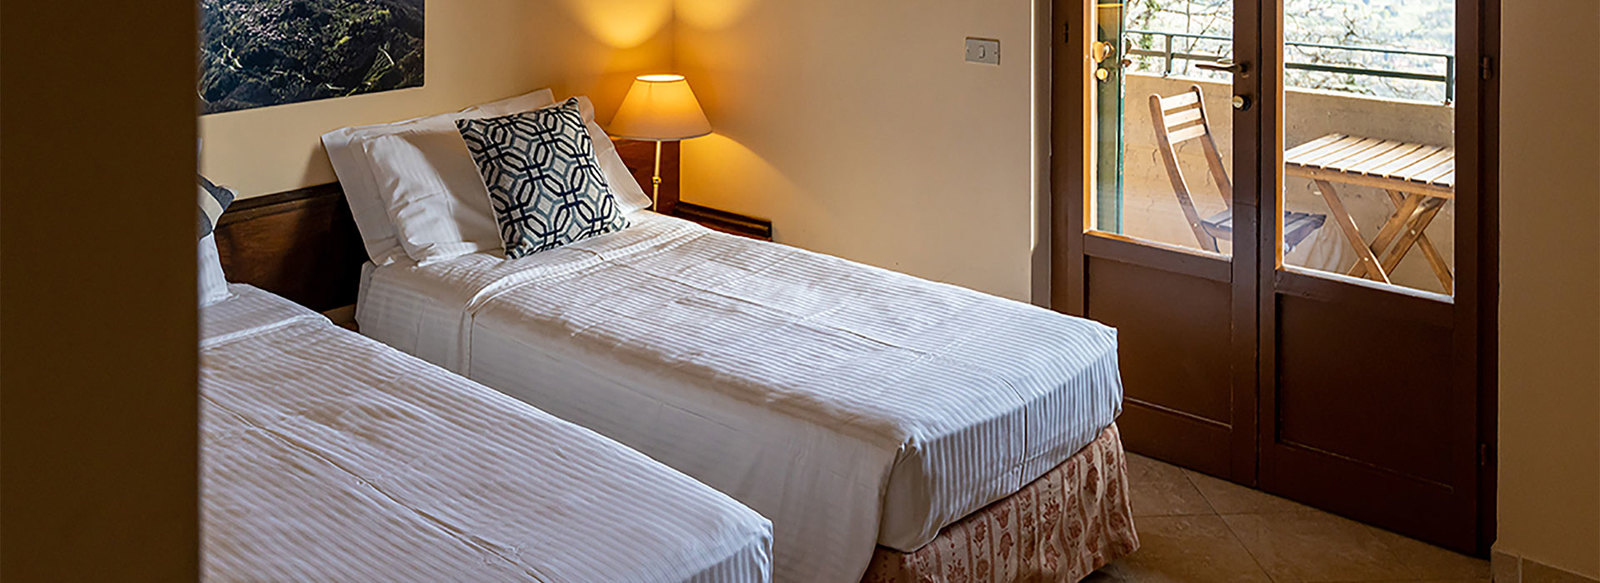 boutique hotel, baite di montagna, B&B e case vacanze in un unico resort in Toscana